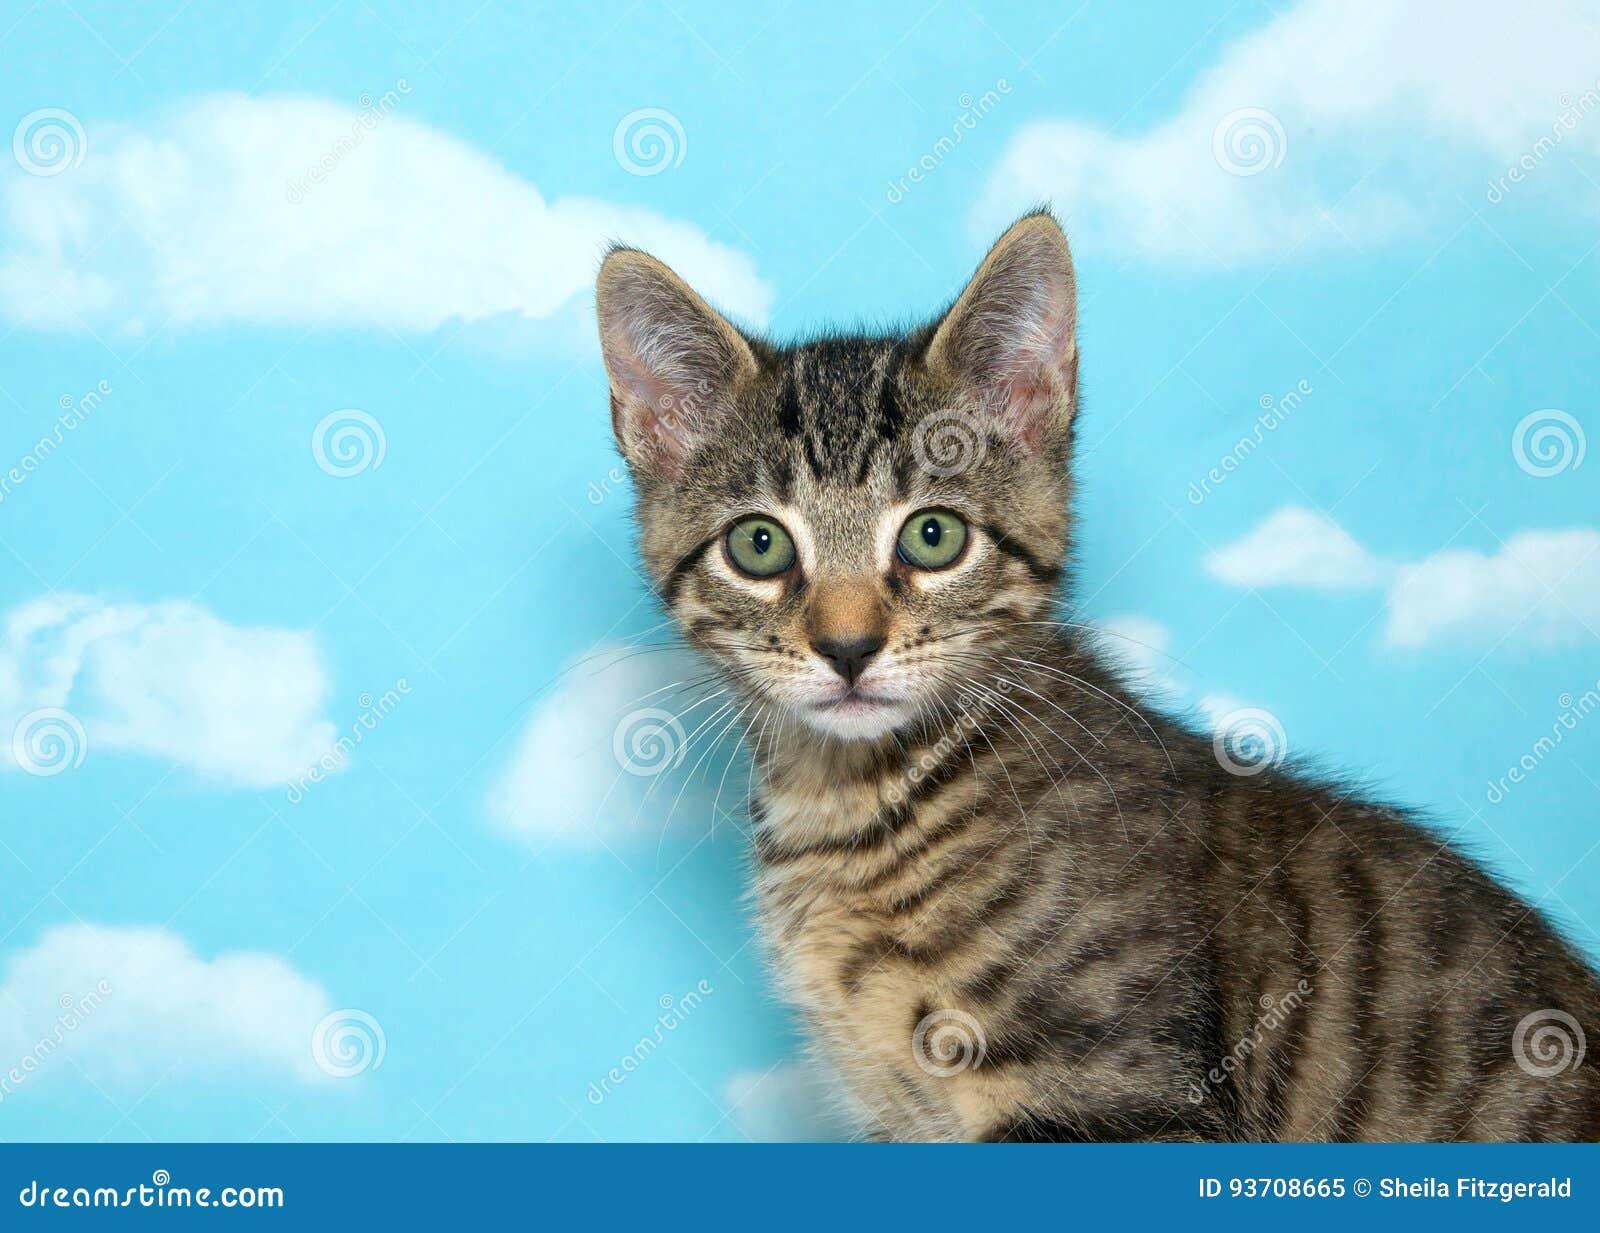 Portrait of a tabby kitten, blue sky background